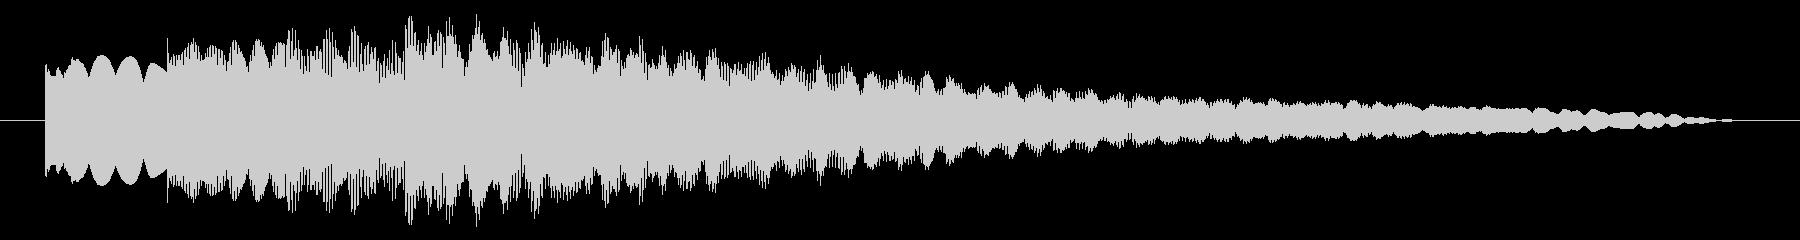 ジングル ベルメロディーハッピー01の未再生の波形